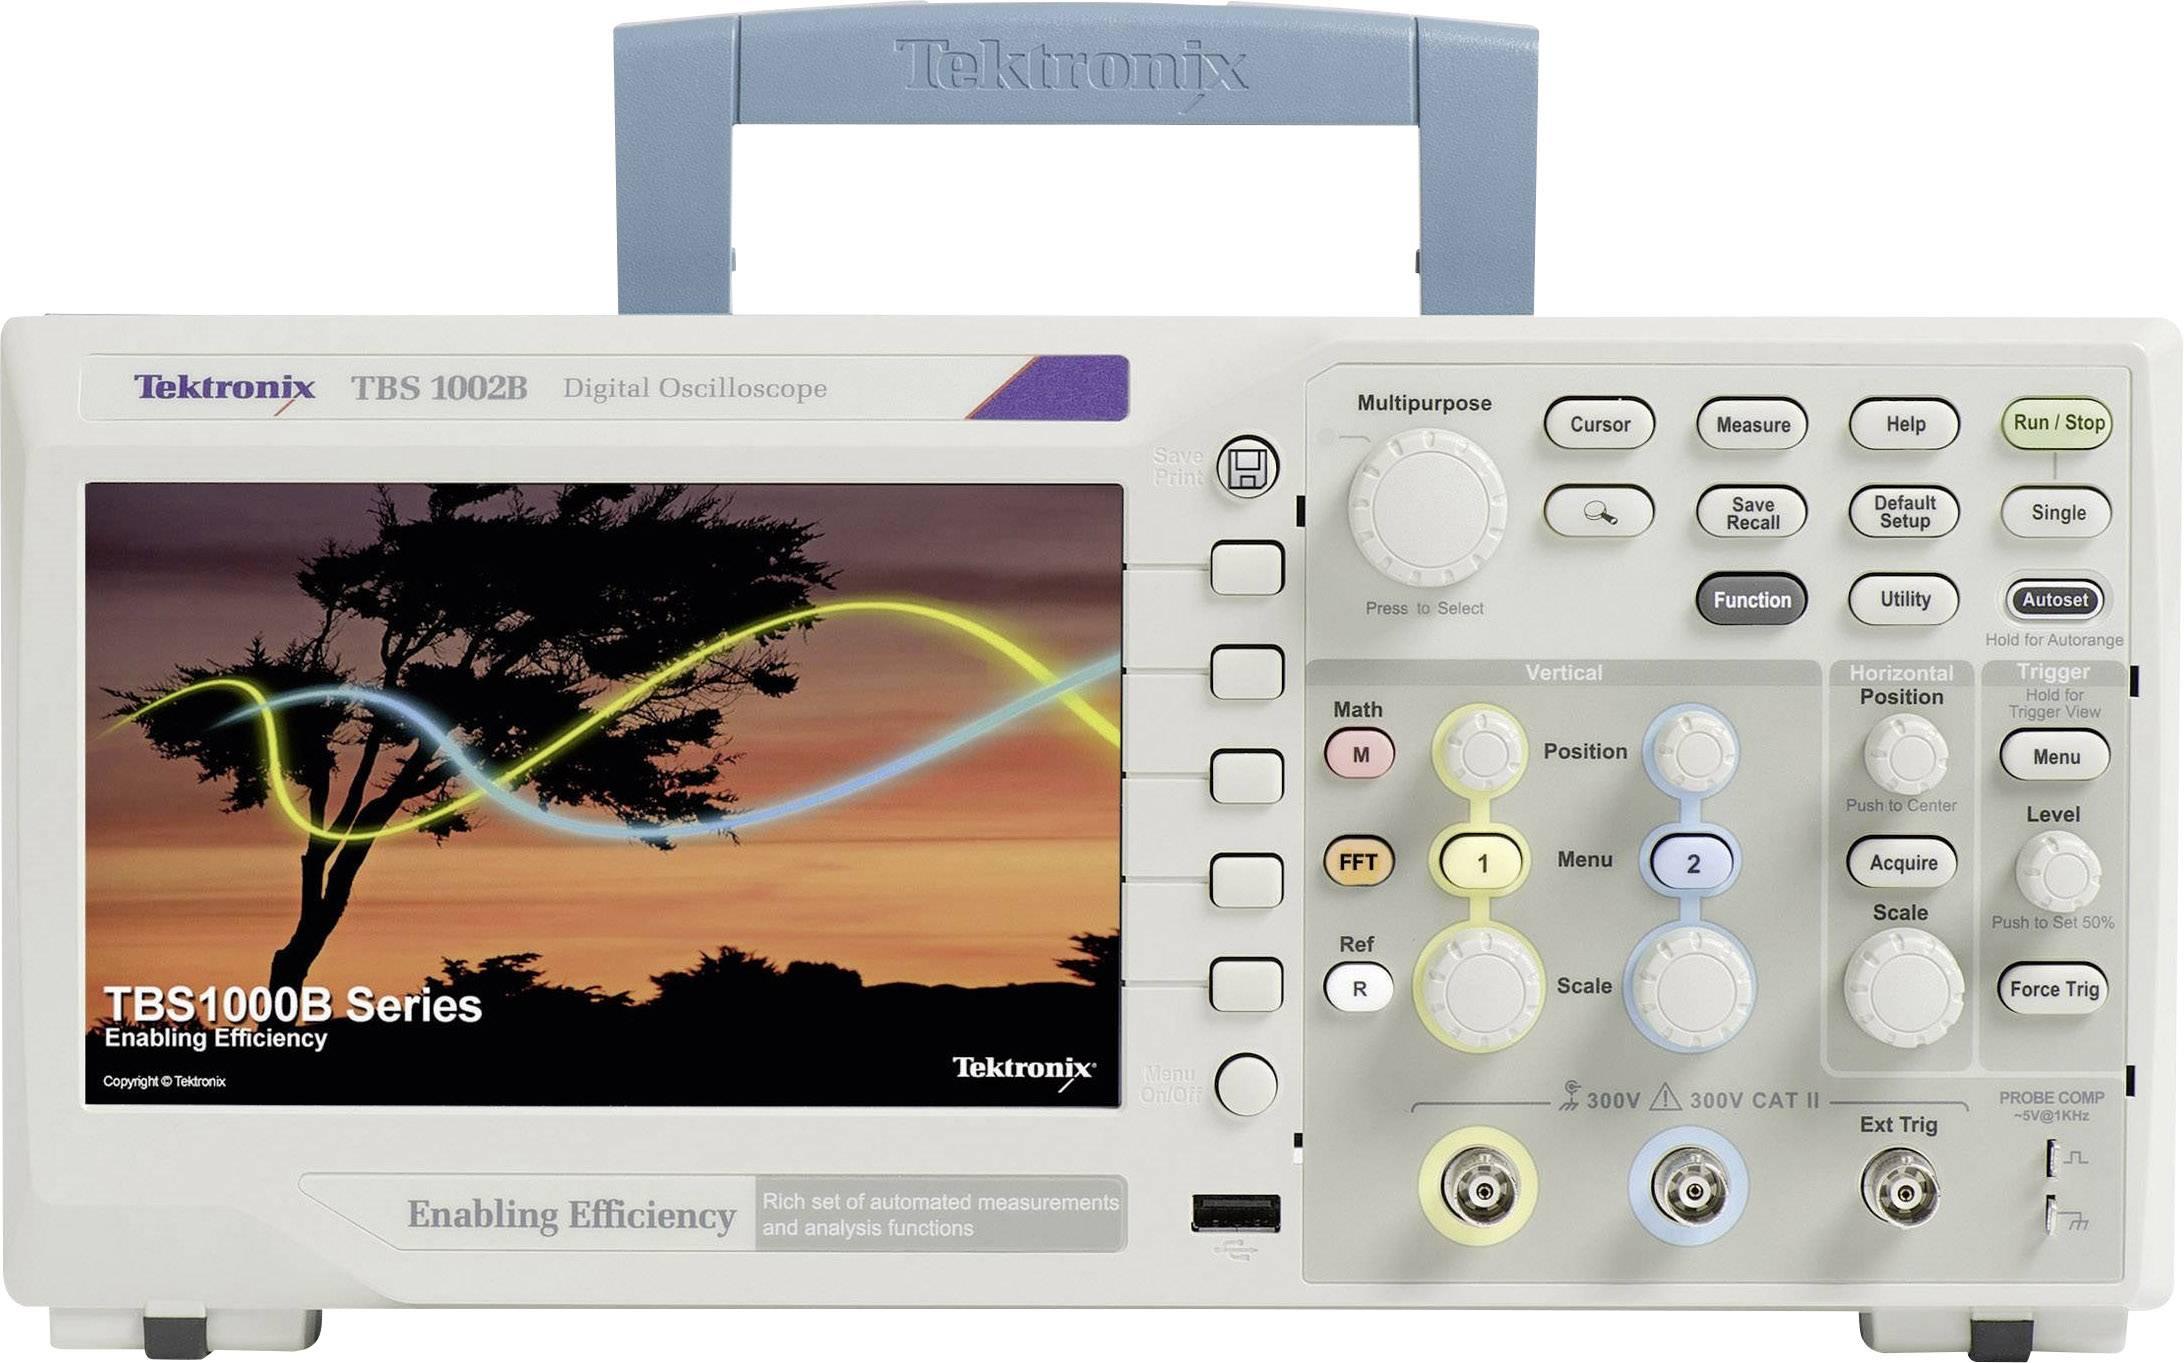 Digitální osciloskop Tektronix TBS1052B, 50 MHz, 2kanálový, kalibrováno dle ISO